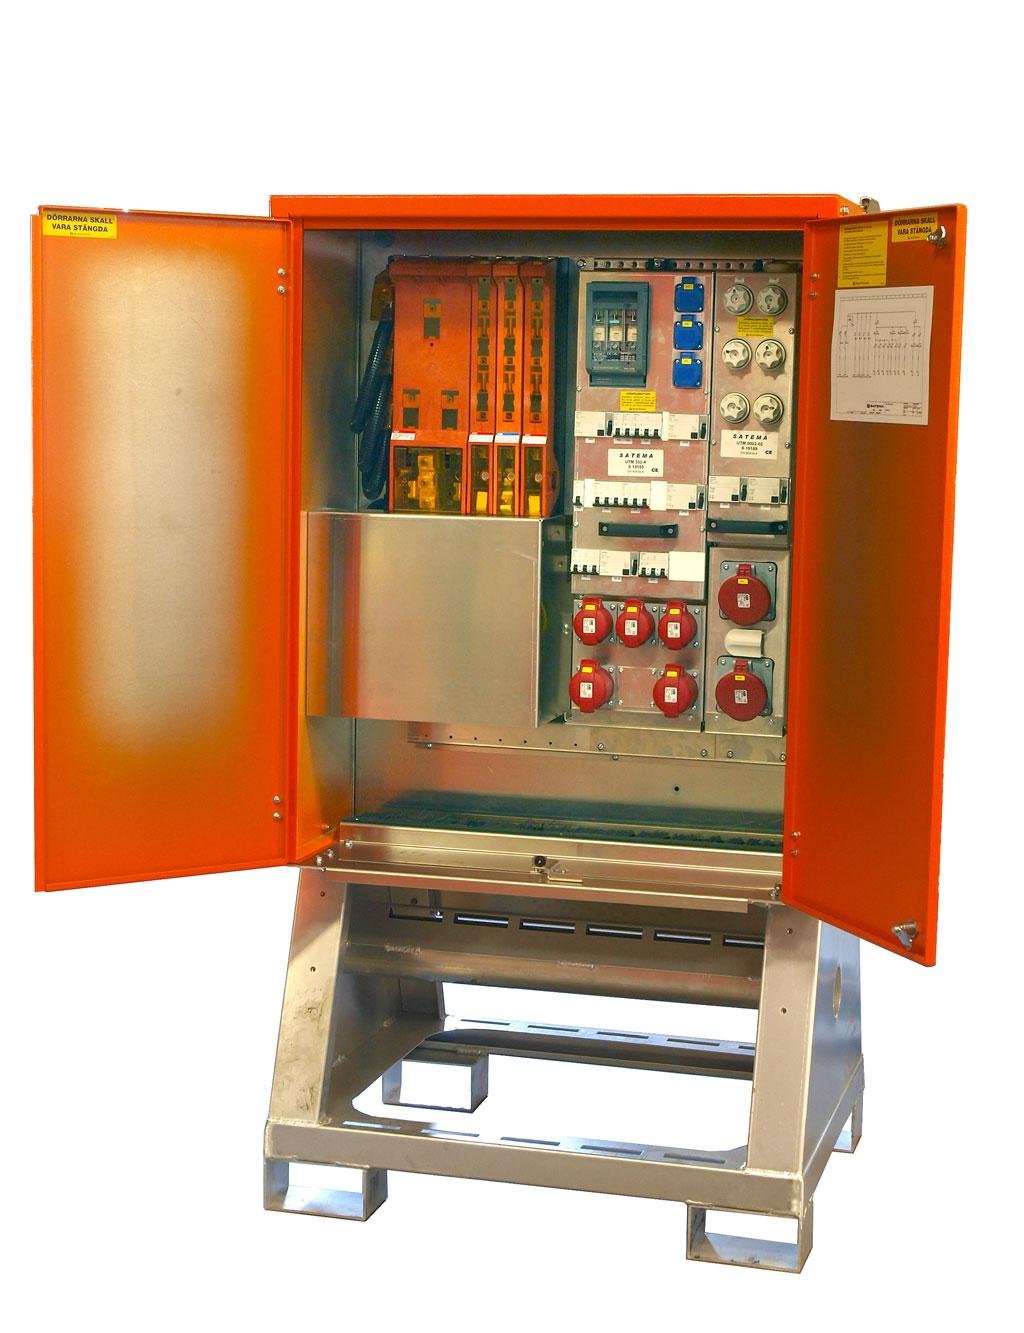 Matningscentral-ZFSF-400-31-3322-42-oppen1